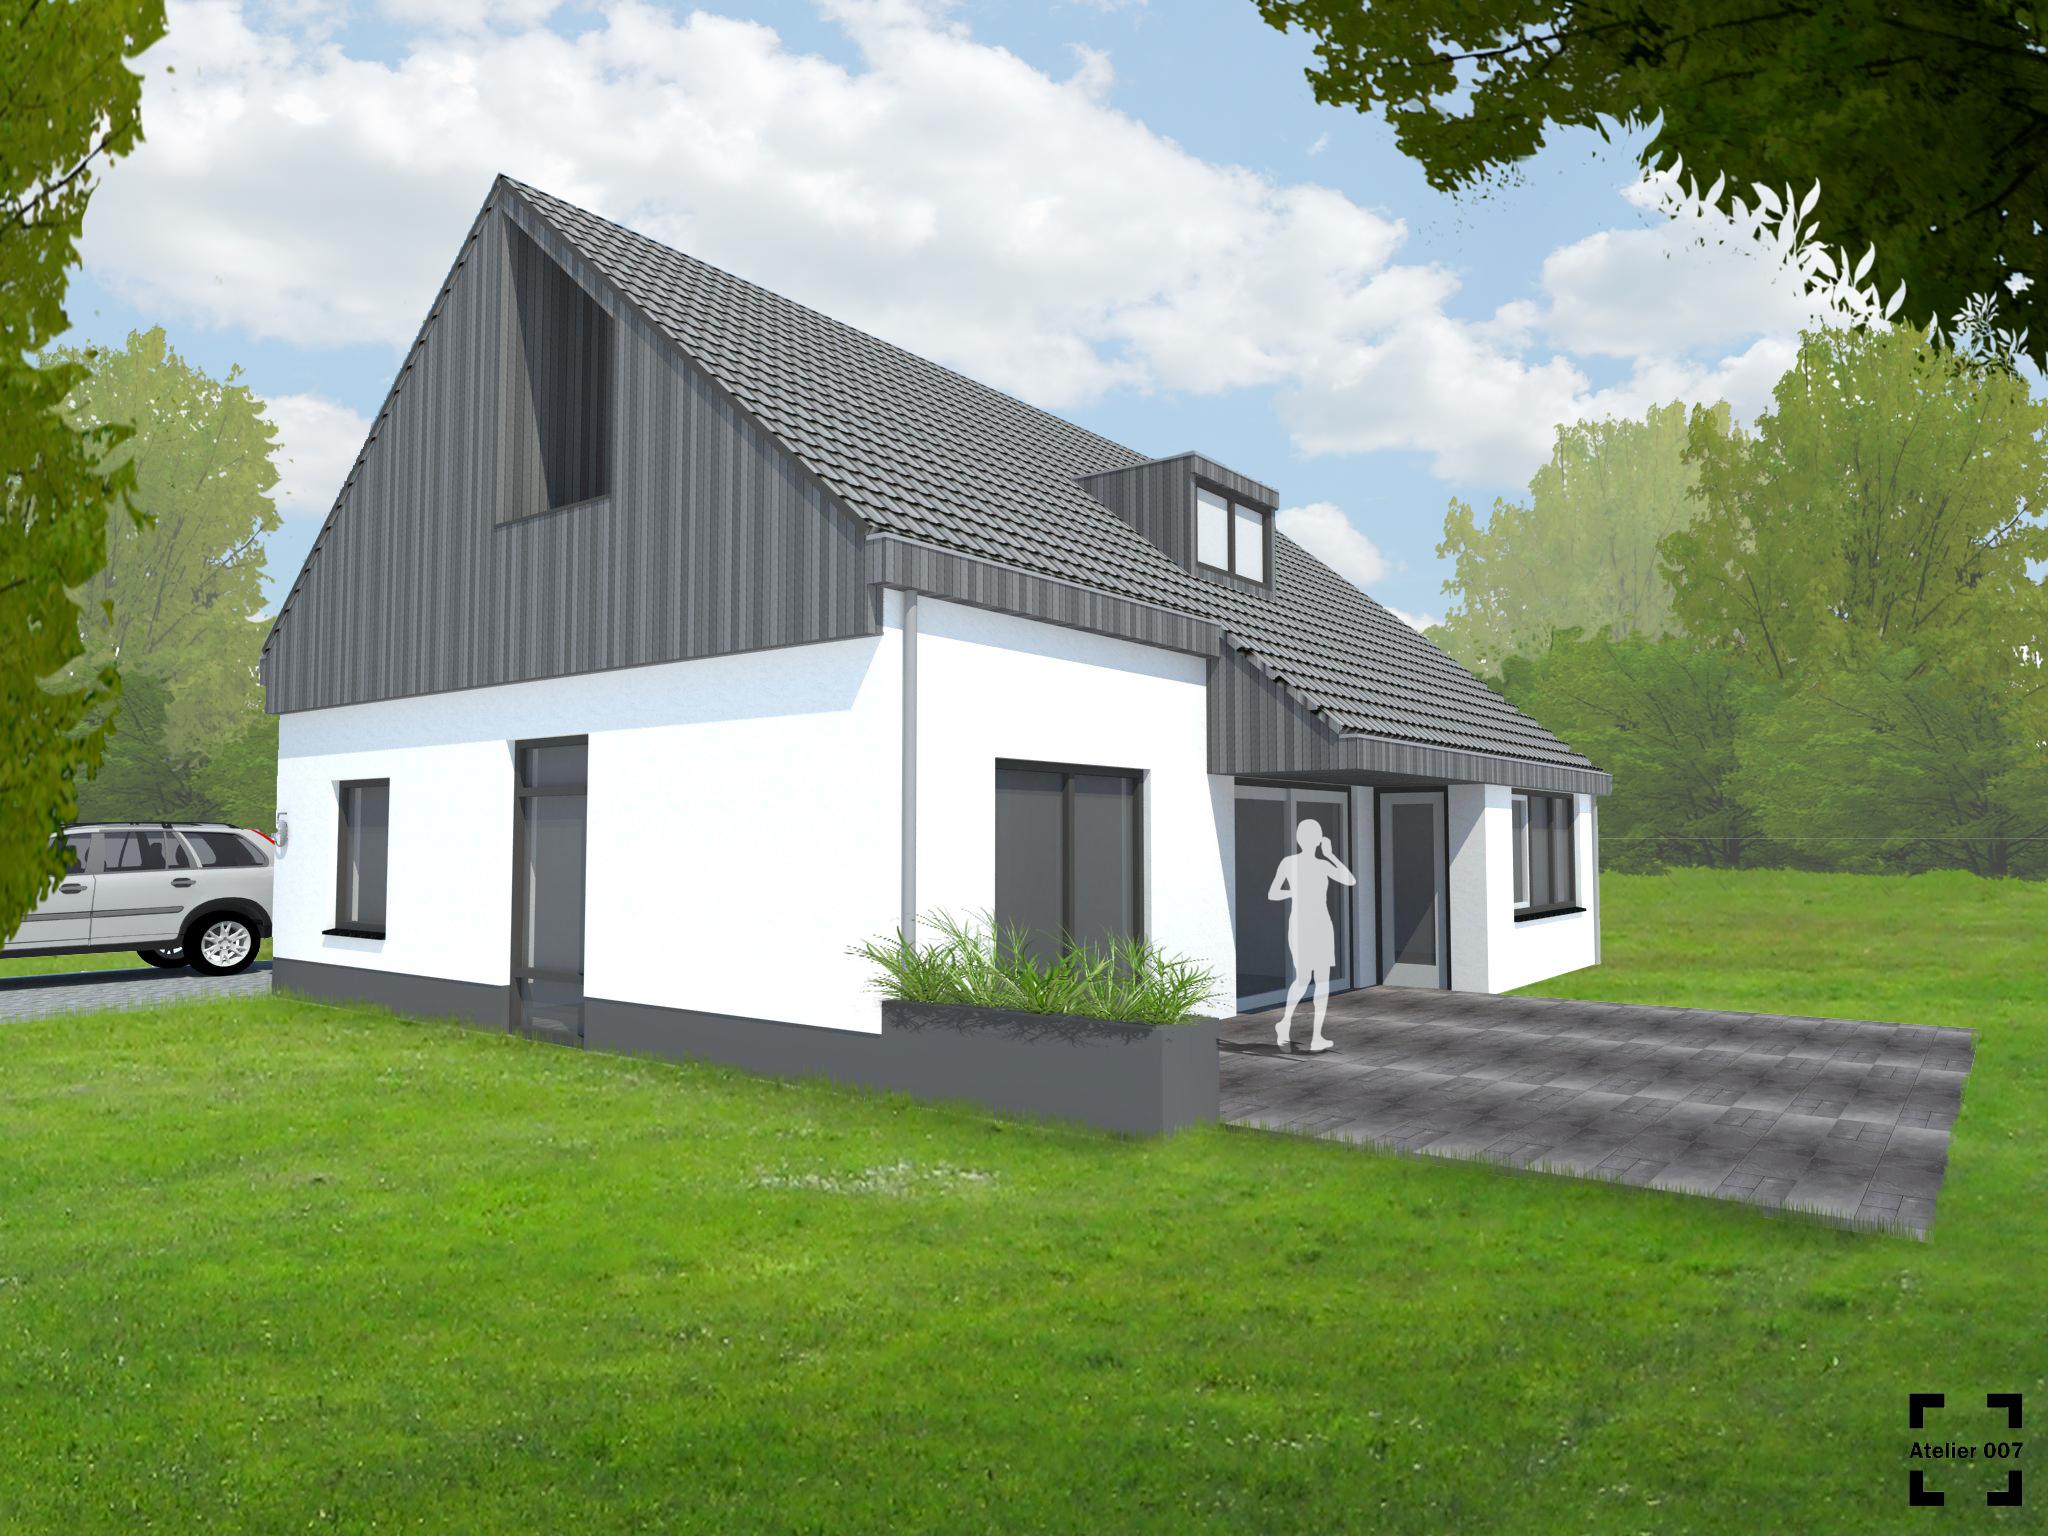 atelier007-schoolstraat5-markelo-houten-geveldelen-stucwerk-wit-renovatie-idee-3D-artist-impressie-002